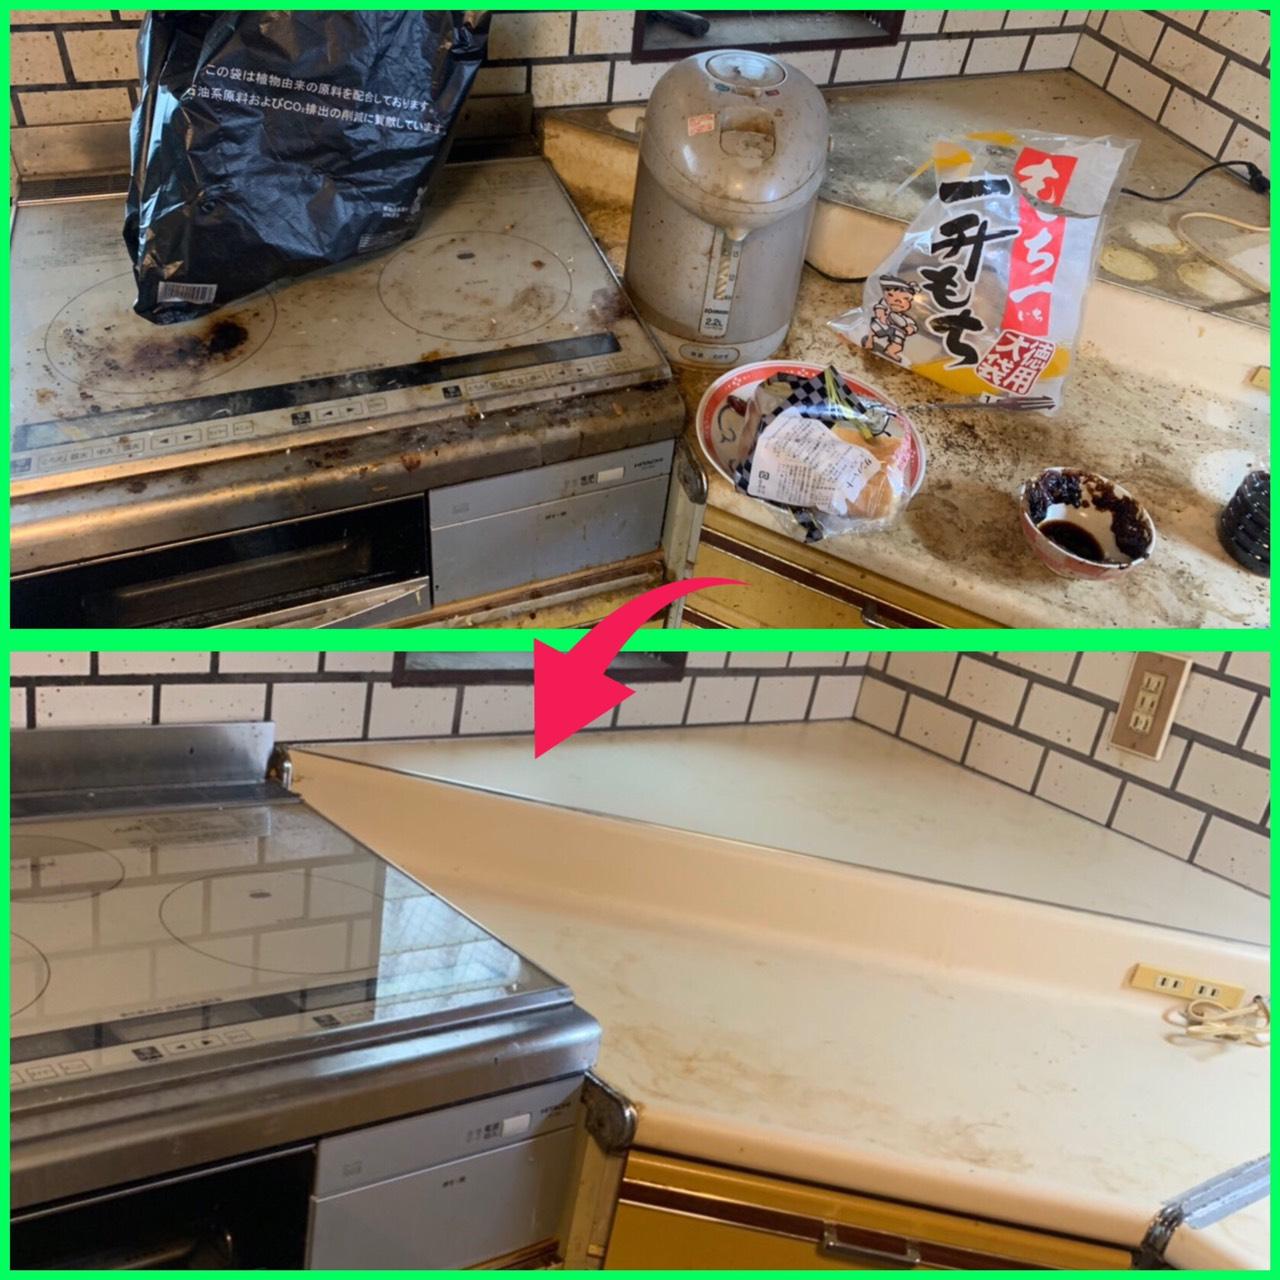 ゴミ屋敷清掃台所BeforeAfter